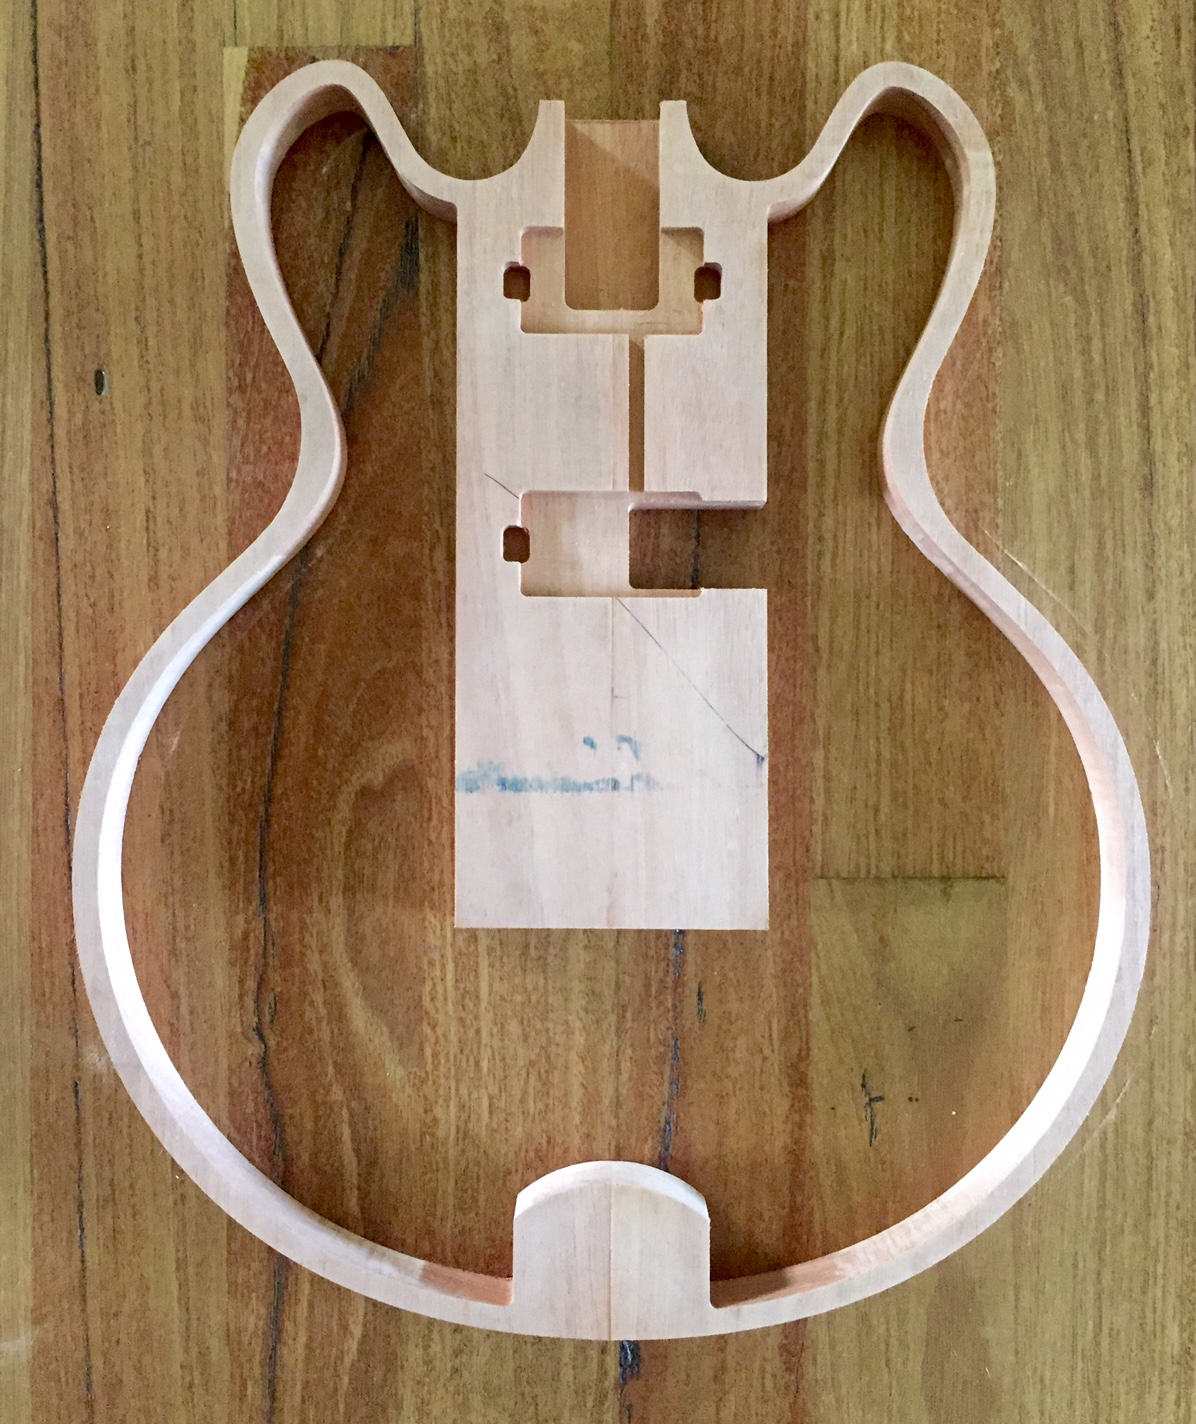 Les Paul Es335 Hollow Body Guitar Fabitrabbit Com